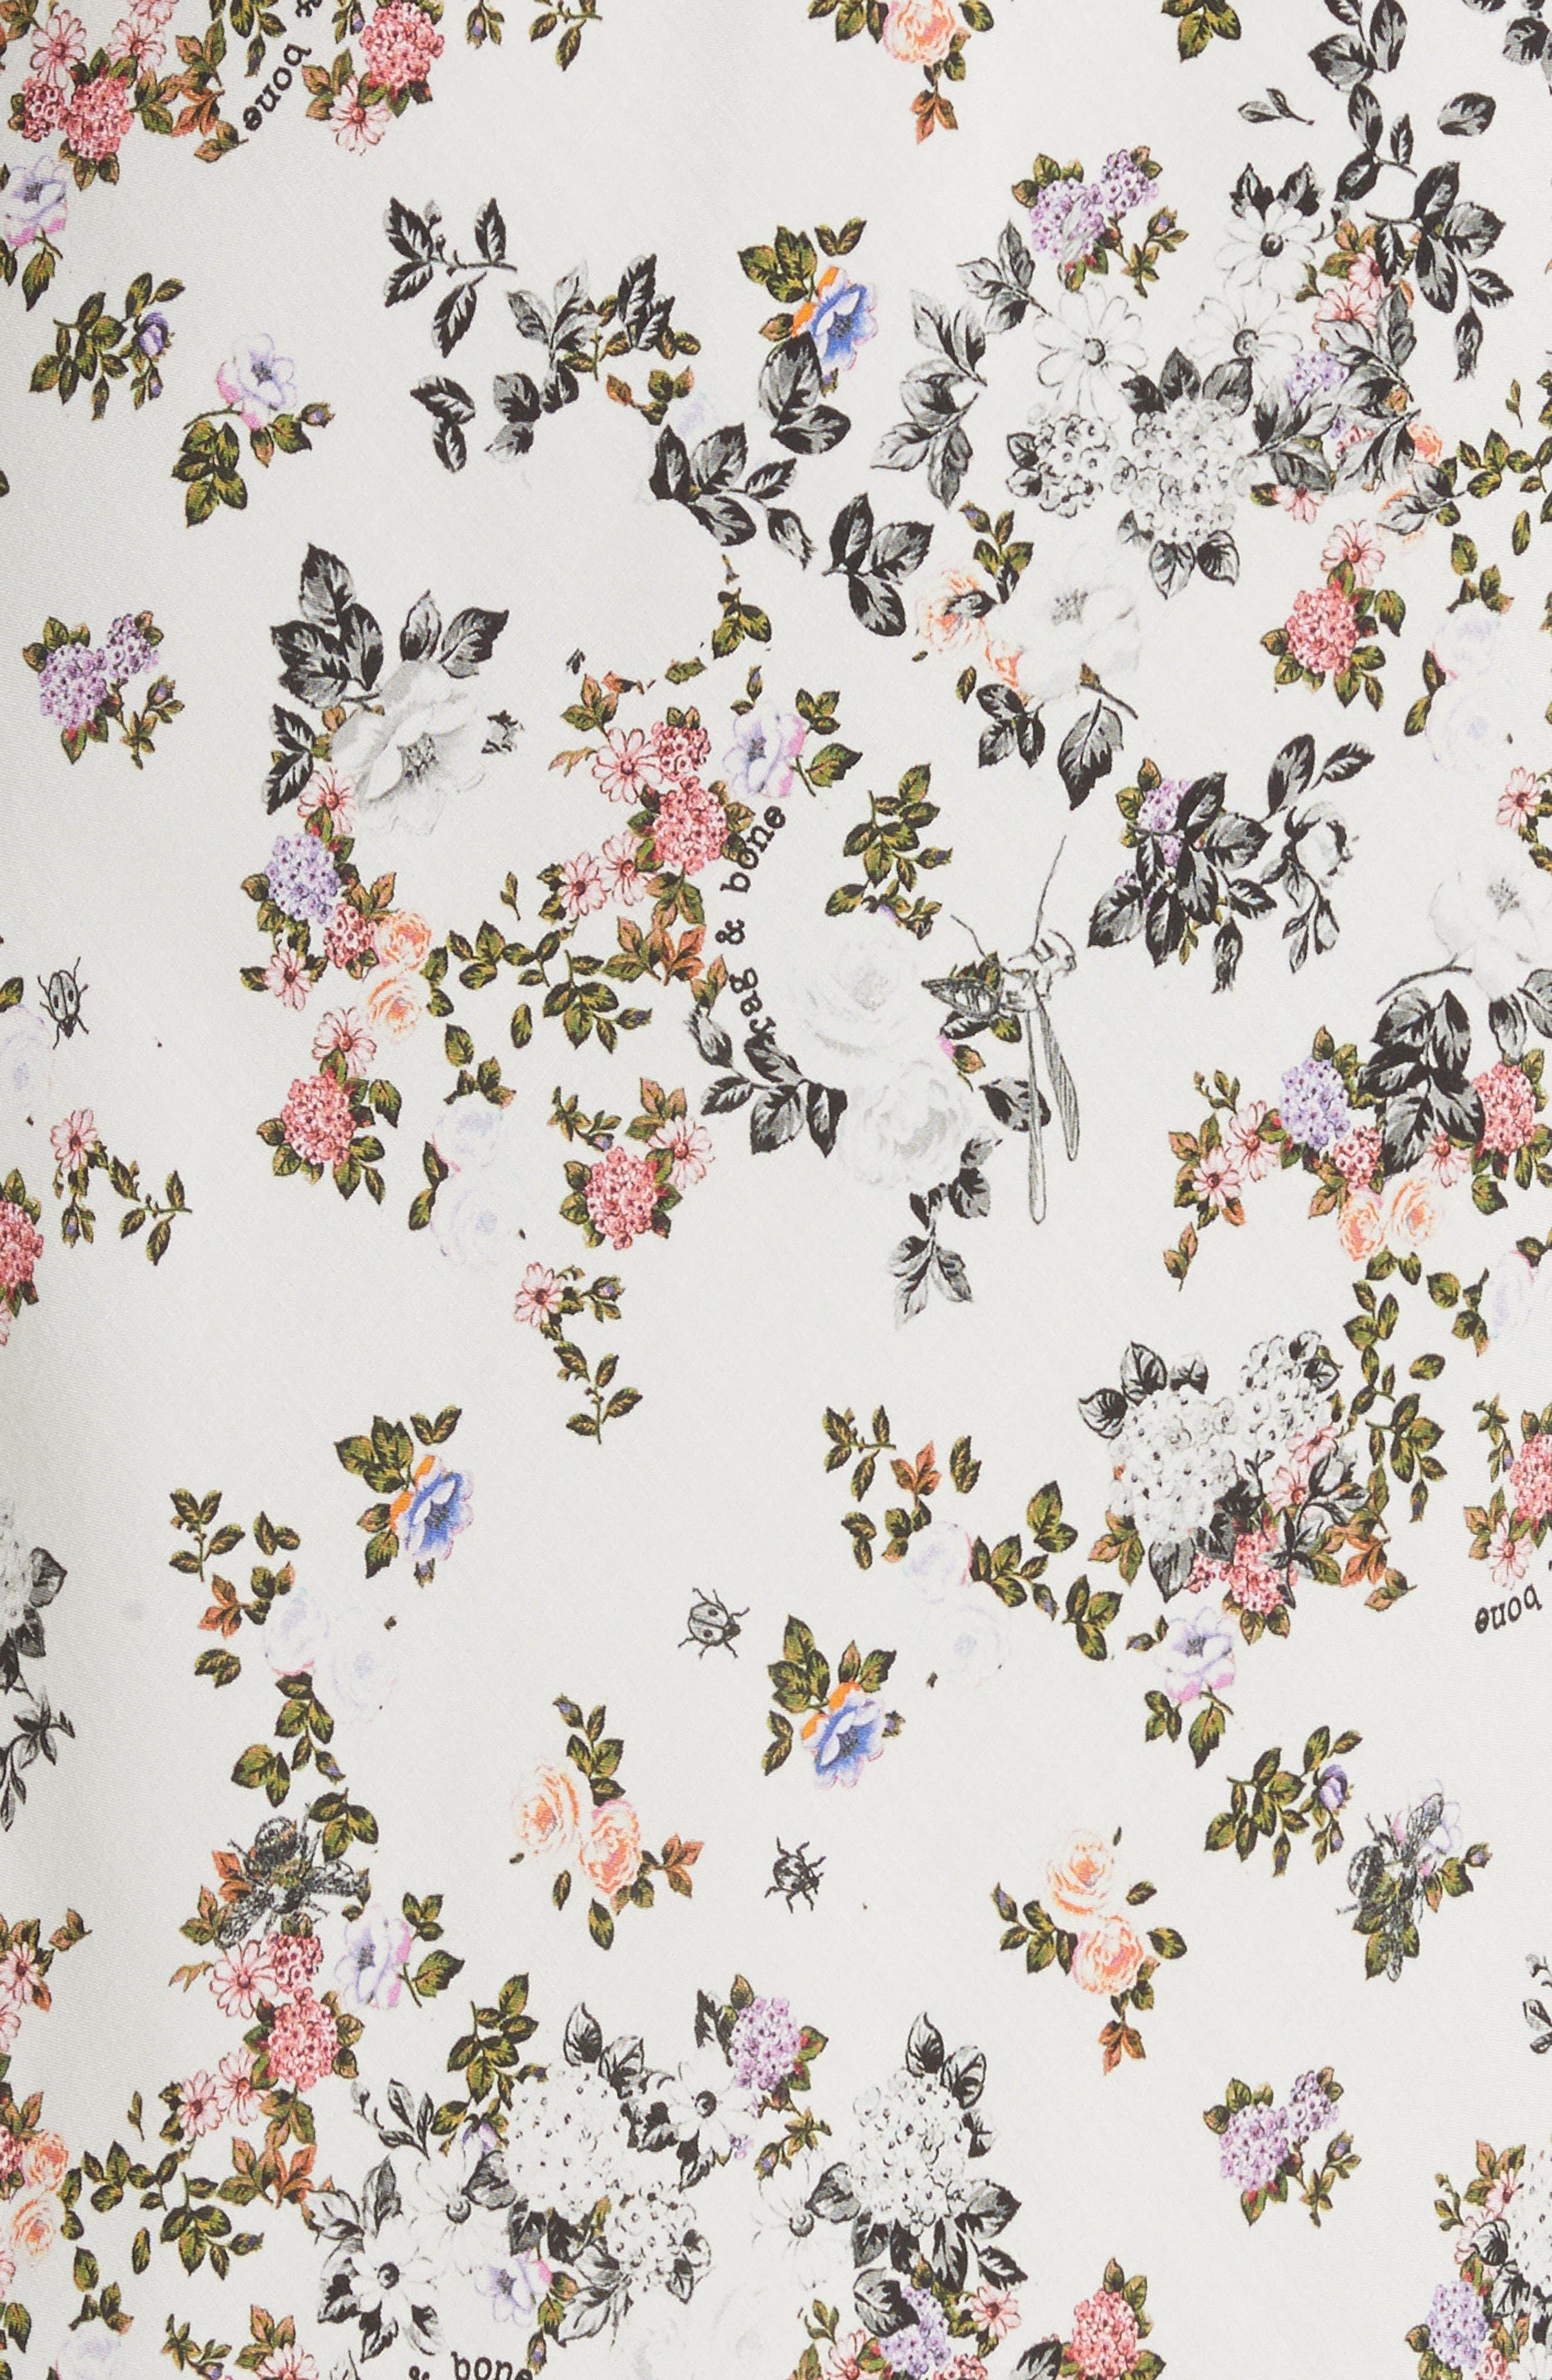 Astrid Floral Print Slipdress,                             Alternate thumbnail 5, color,                             Wht Grdn Flr